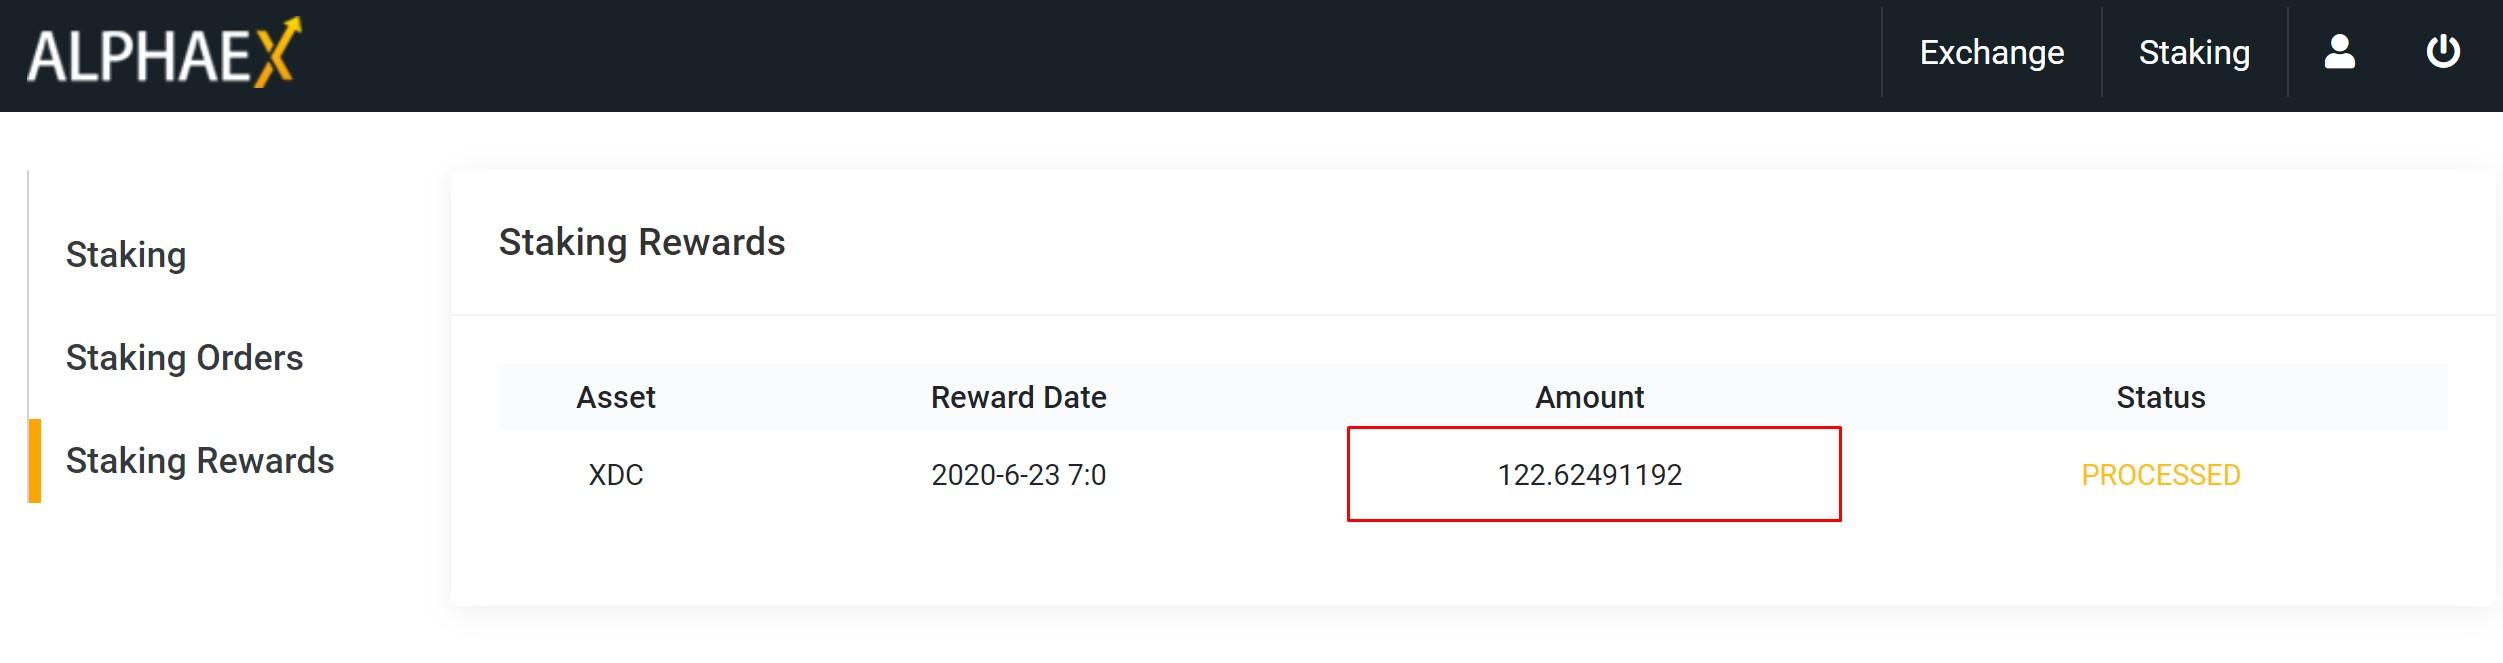 Kiểm tra phần thưởng nhận được mỗi ngày ở Staking Rewards